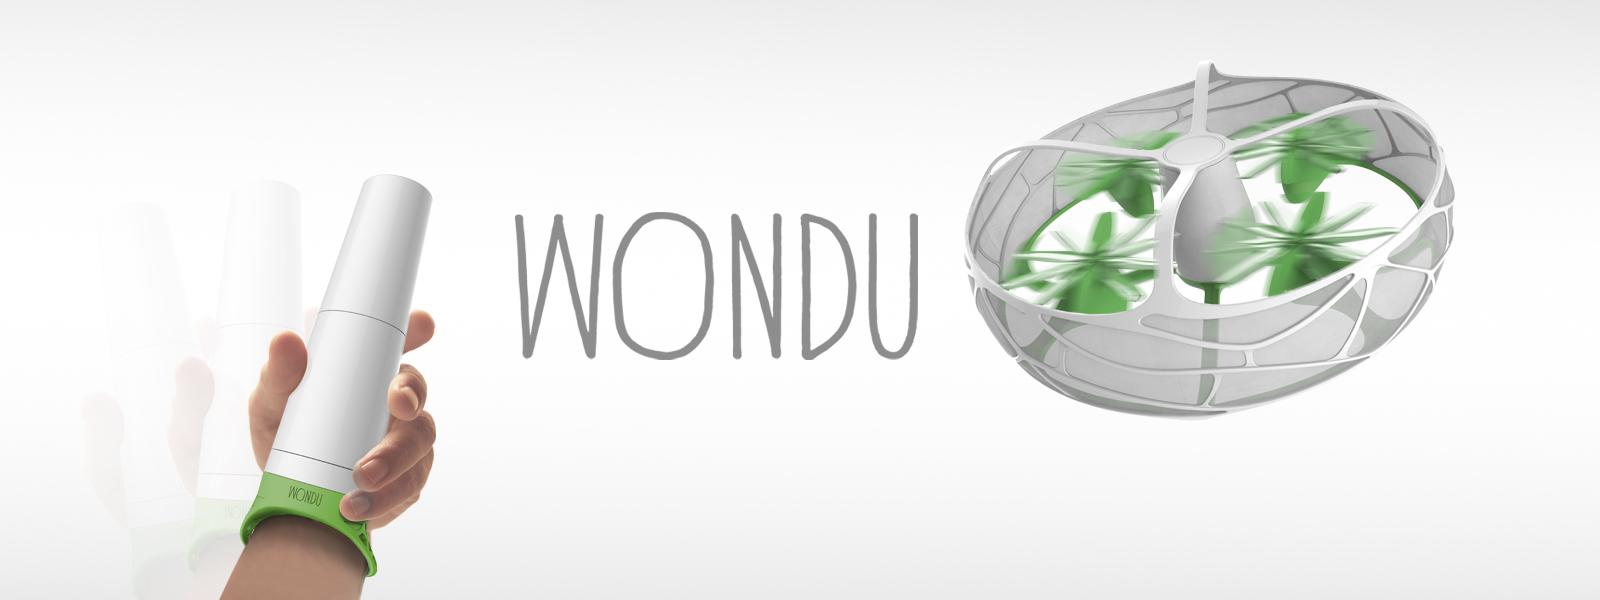 Wondu Hero.JPG